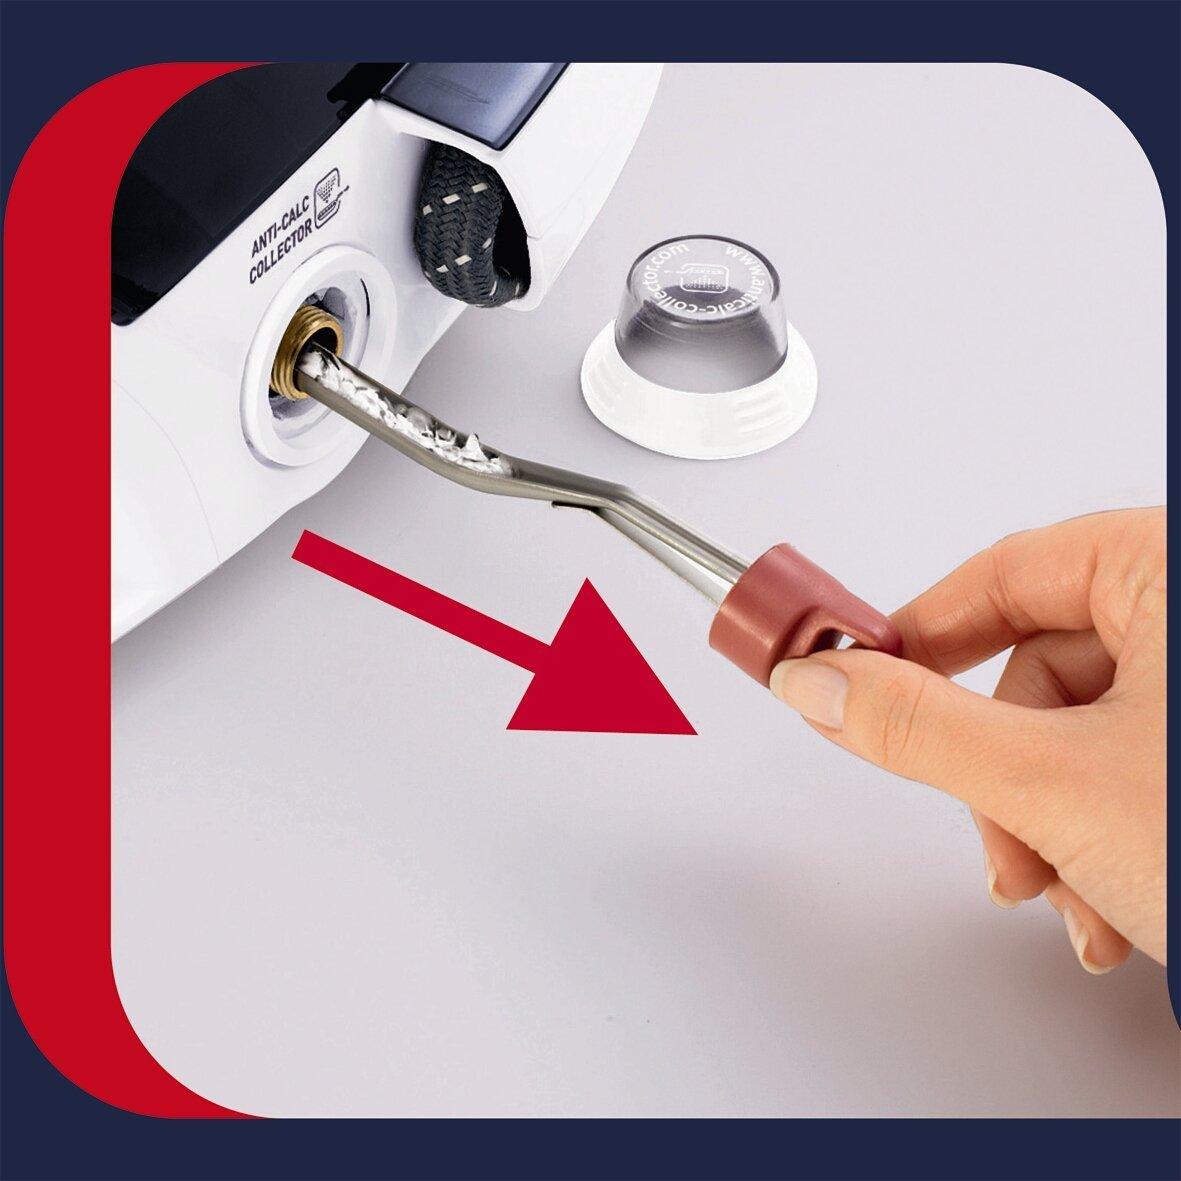 Как почистить парогенератор от накипи в домашних условиях филипс